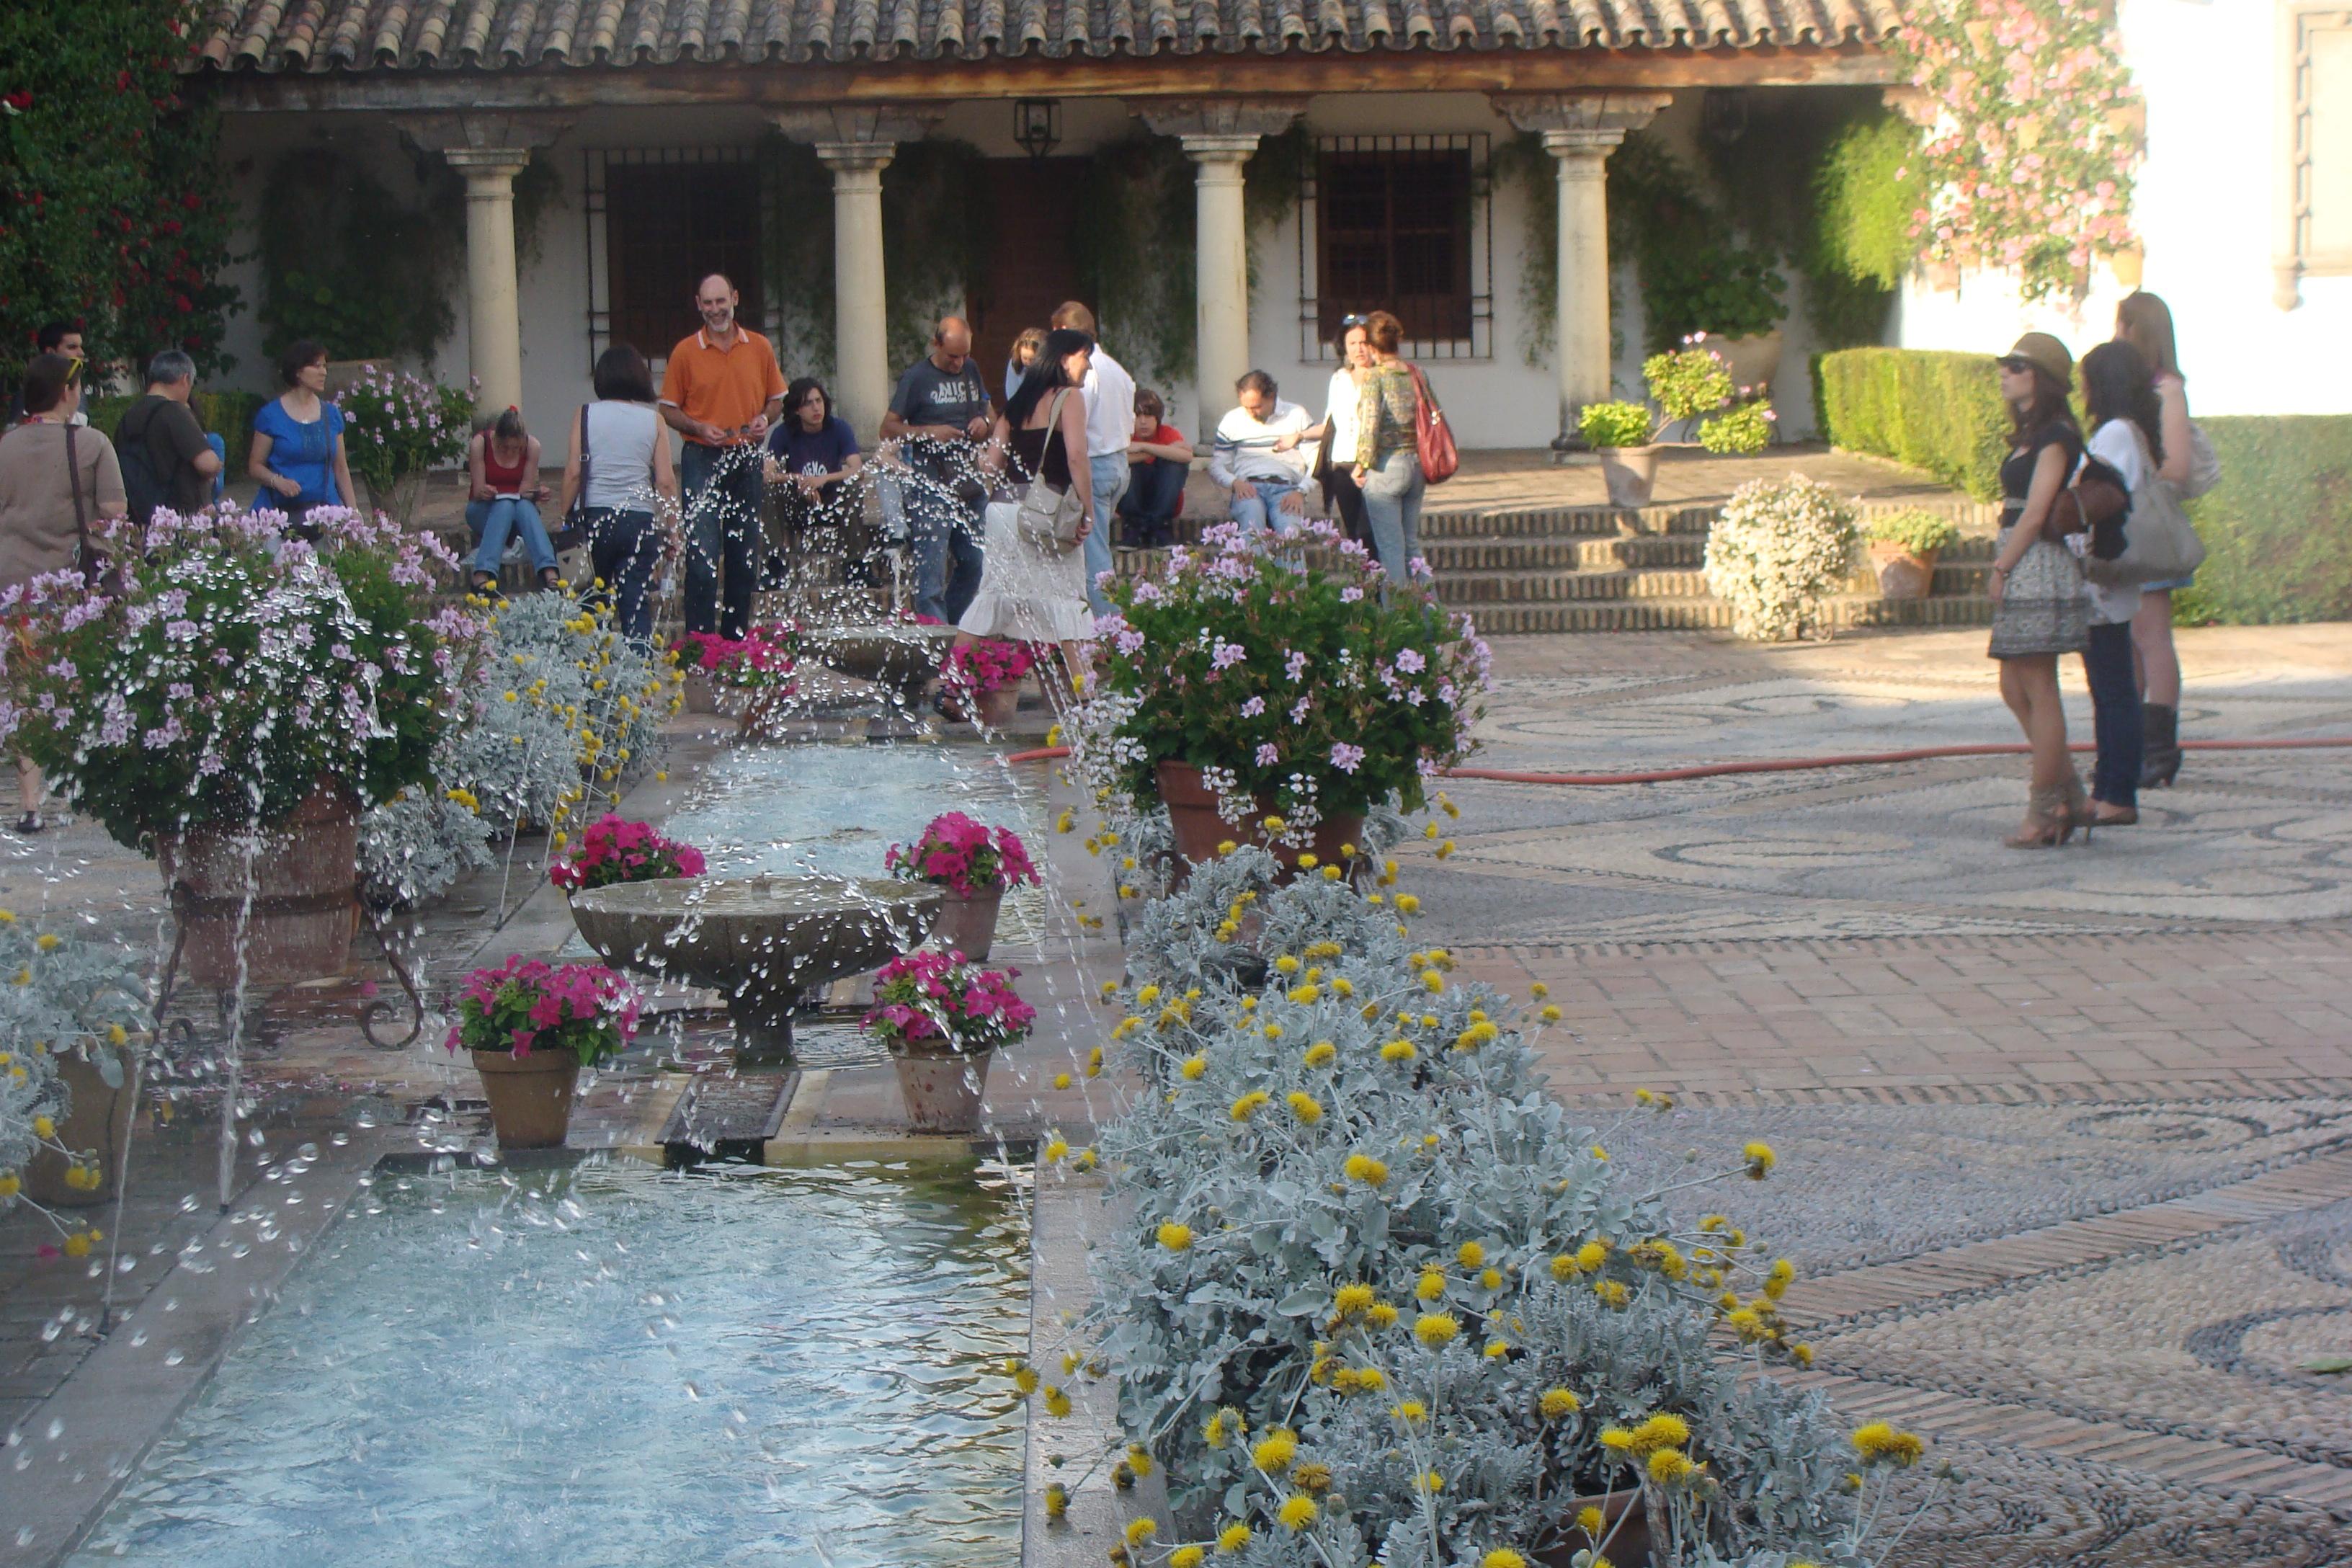 Attractive File:Córdoba, Festival De Los Patios